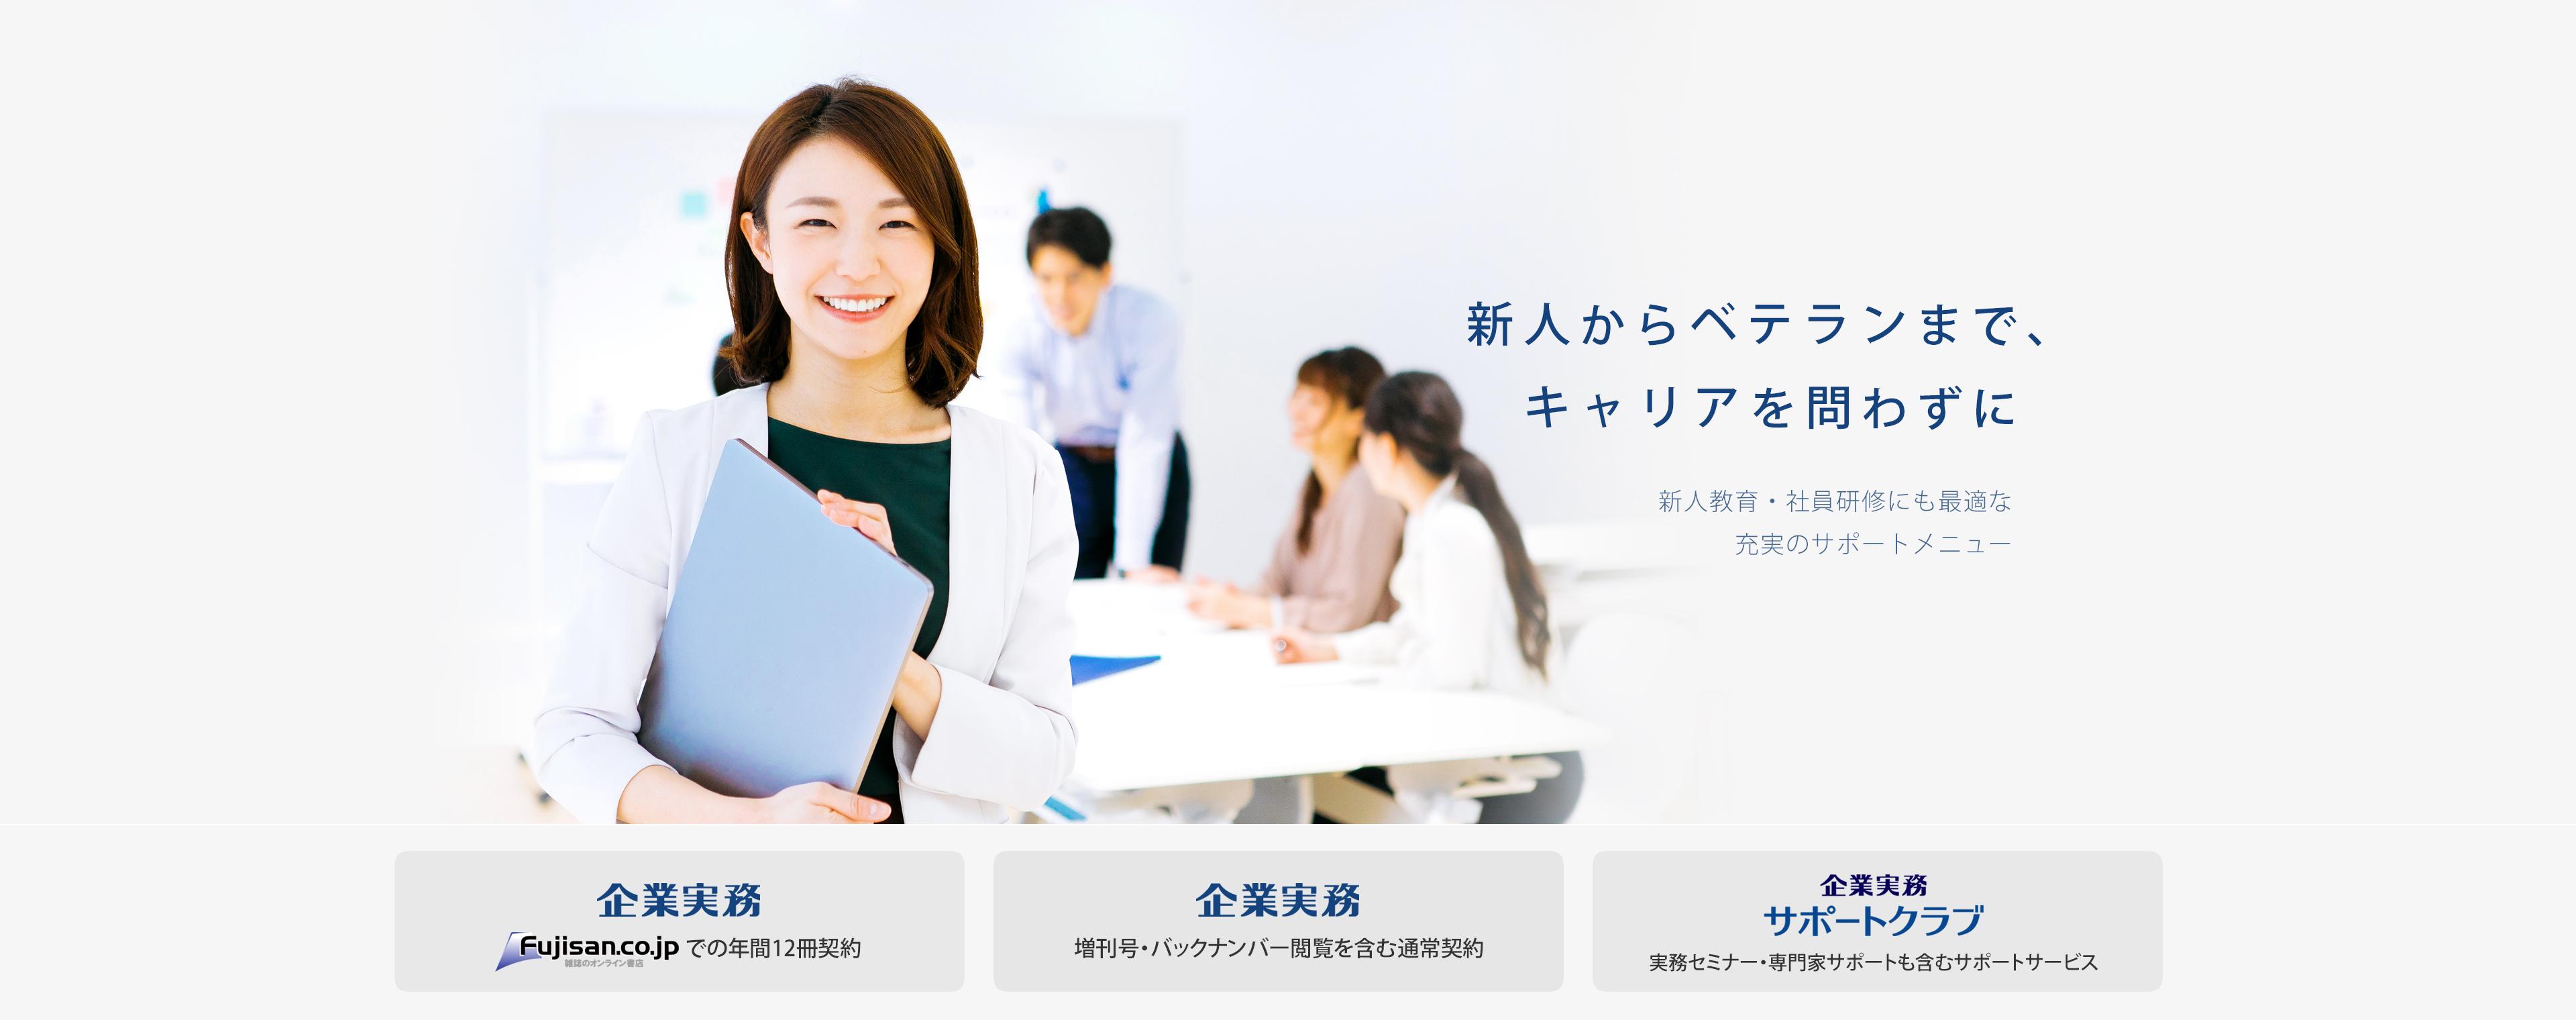 あなたのビジネスを、バックオフィスでサポート企業実務